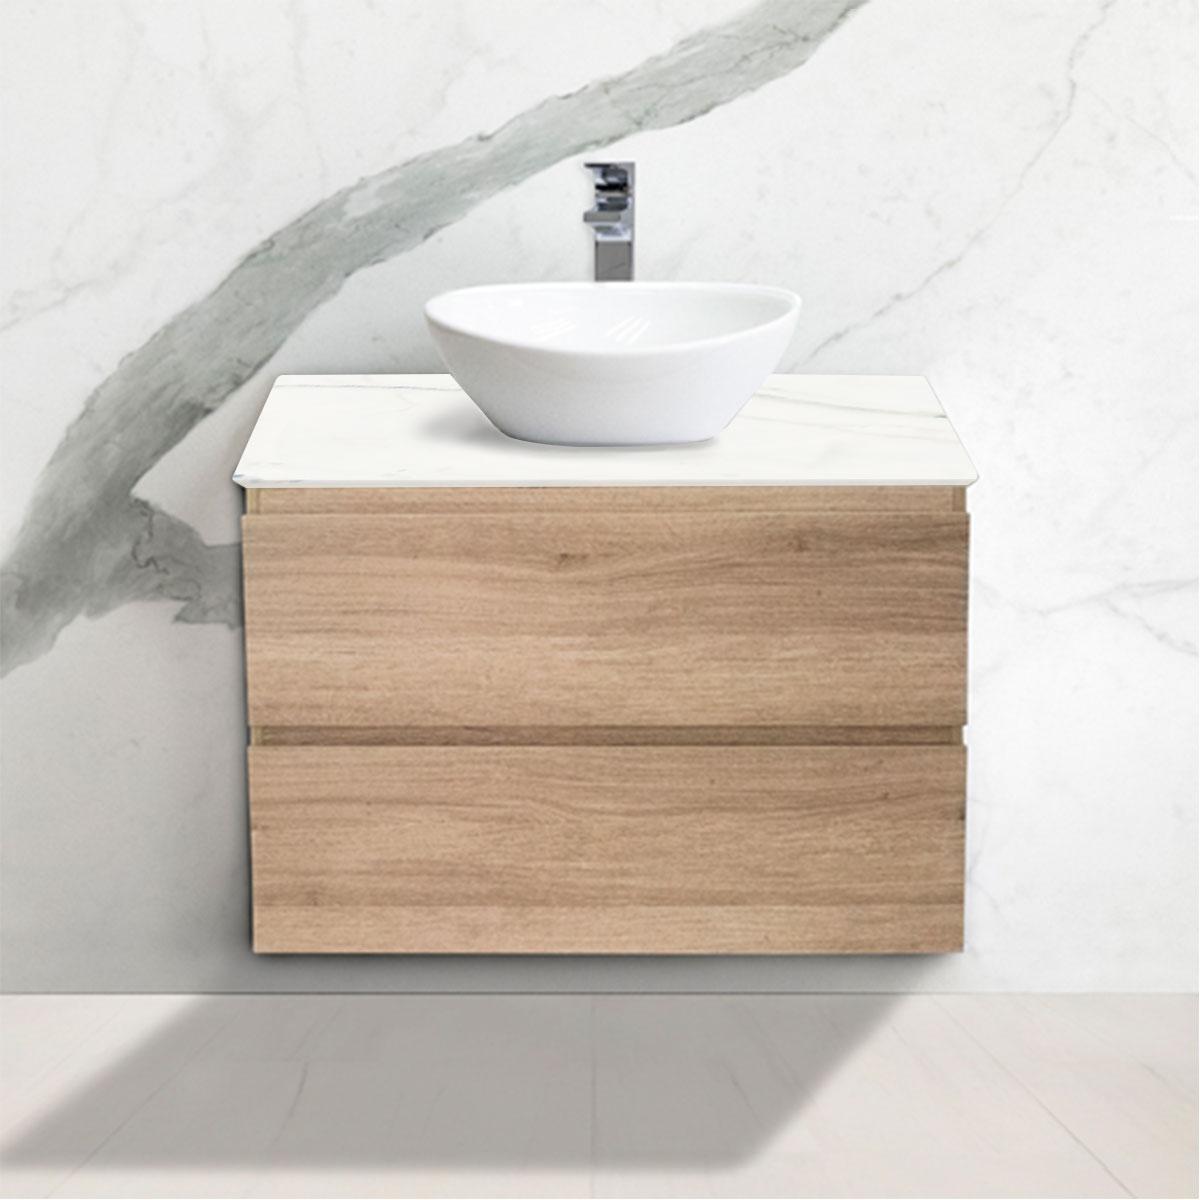 Small Oak Woodgrain Cabinet - Vanity- 2 Drawers - Calacatta - Stone3 Brisbane